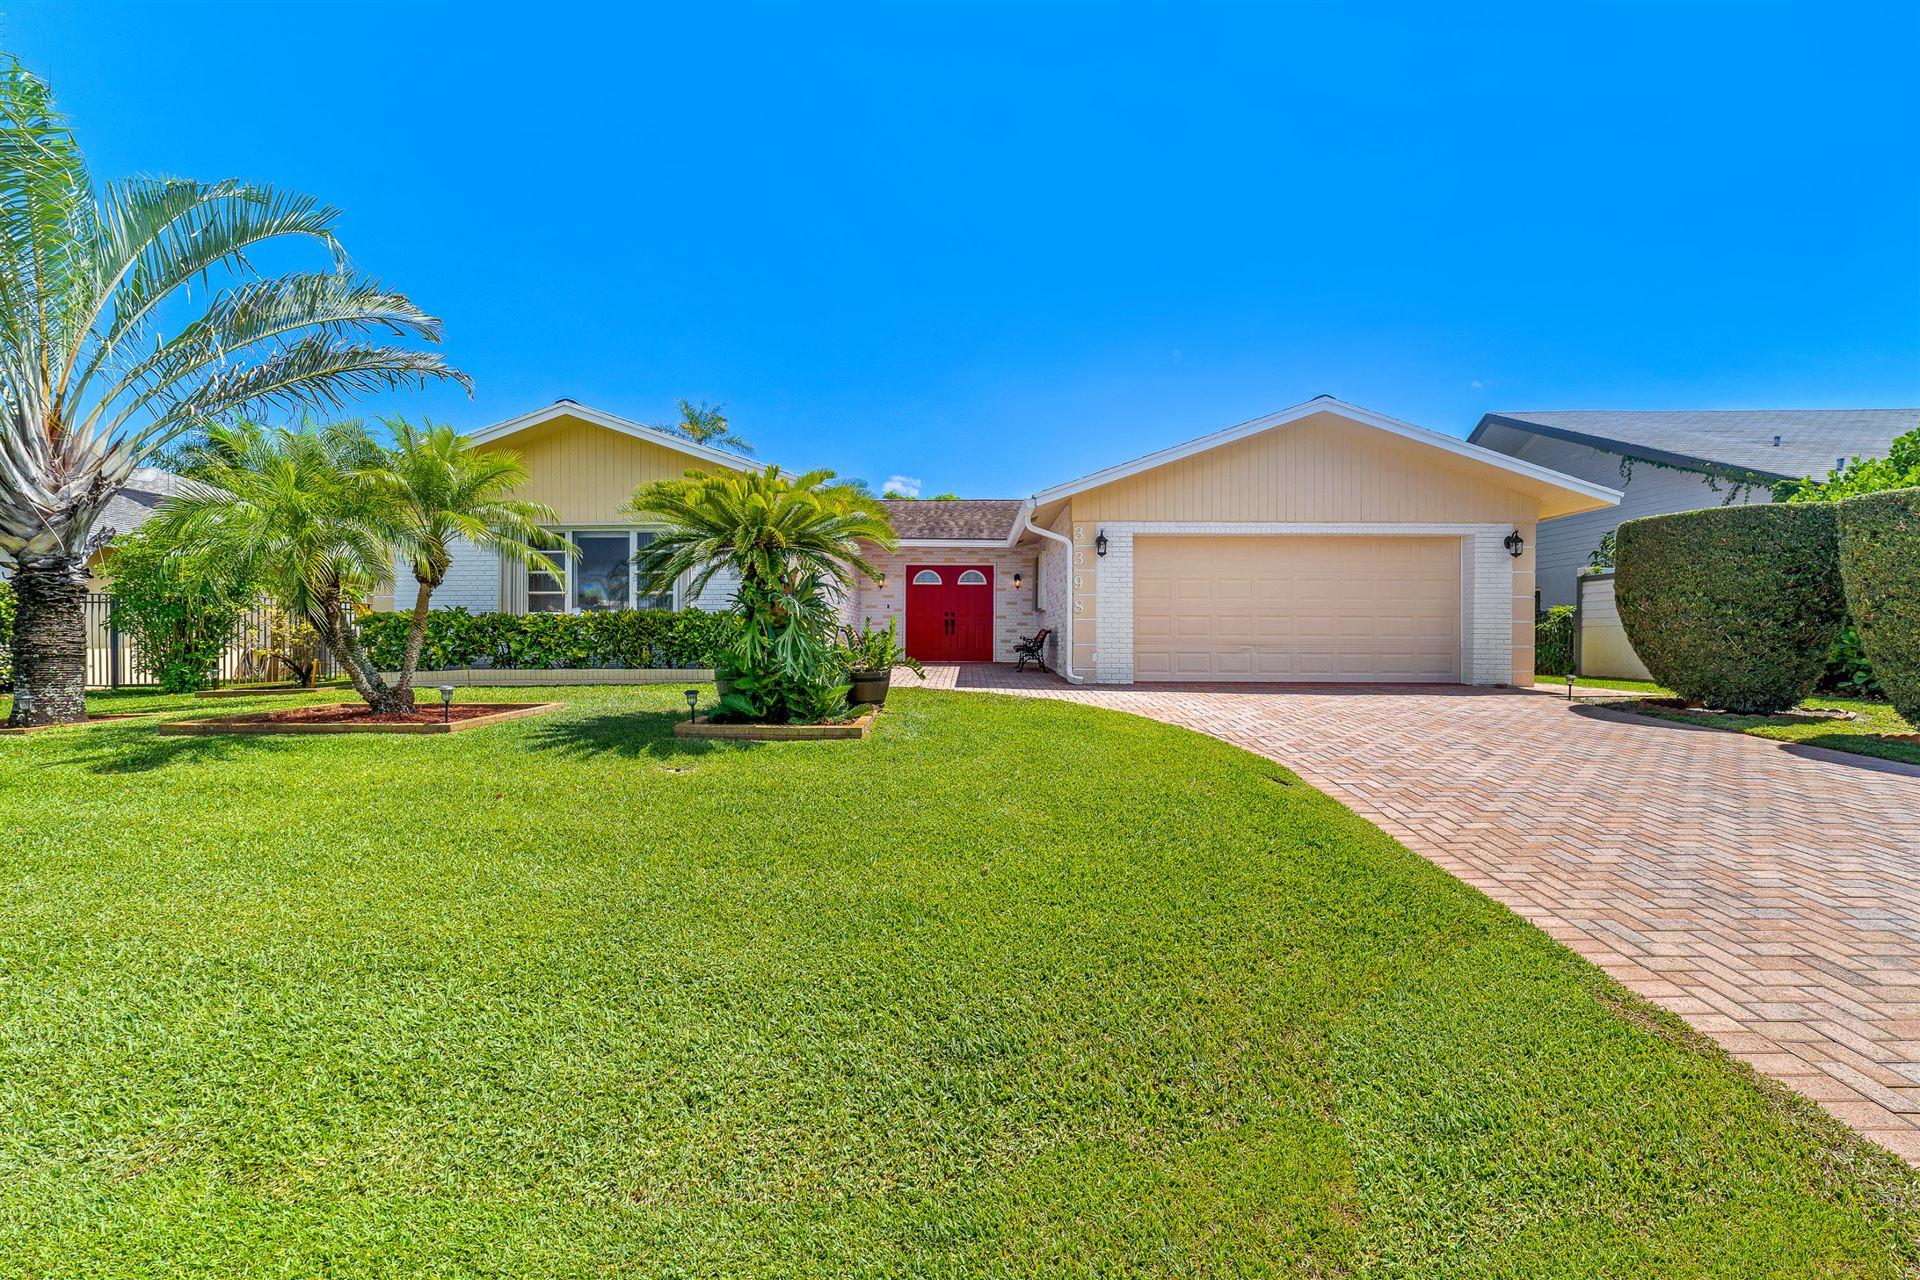 3398 Lakeview Drive, Delray Beach, FL 33445 - MLS#: RX-10715697